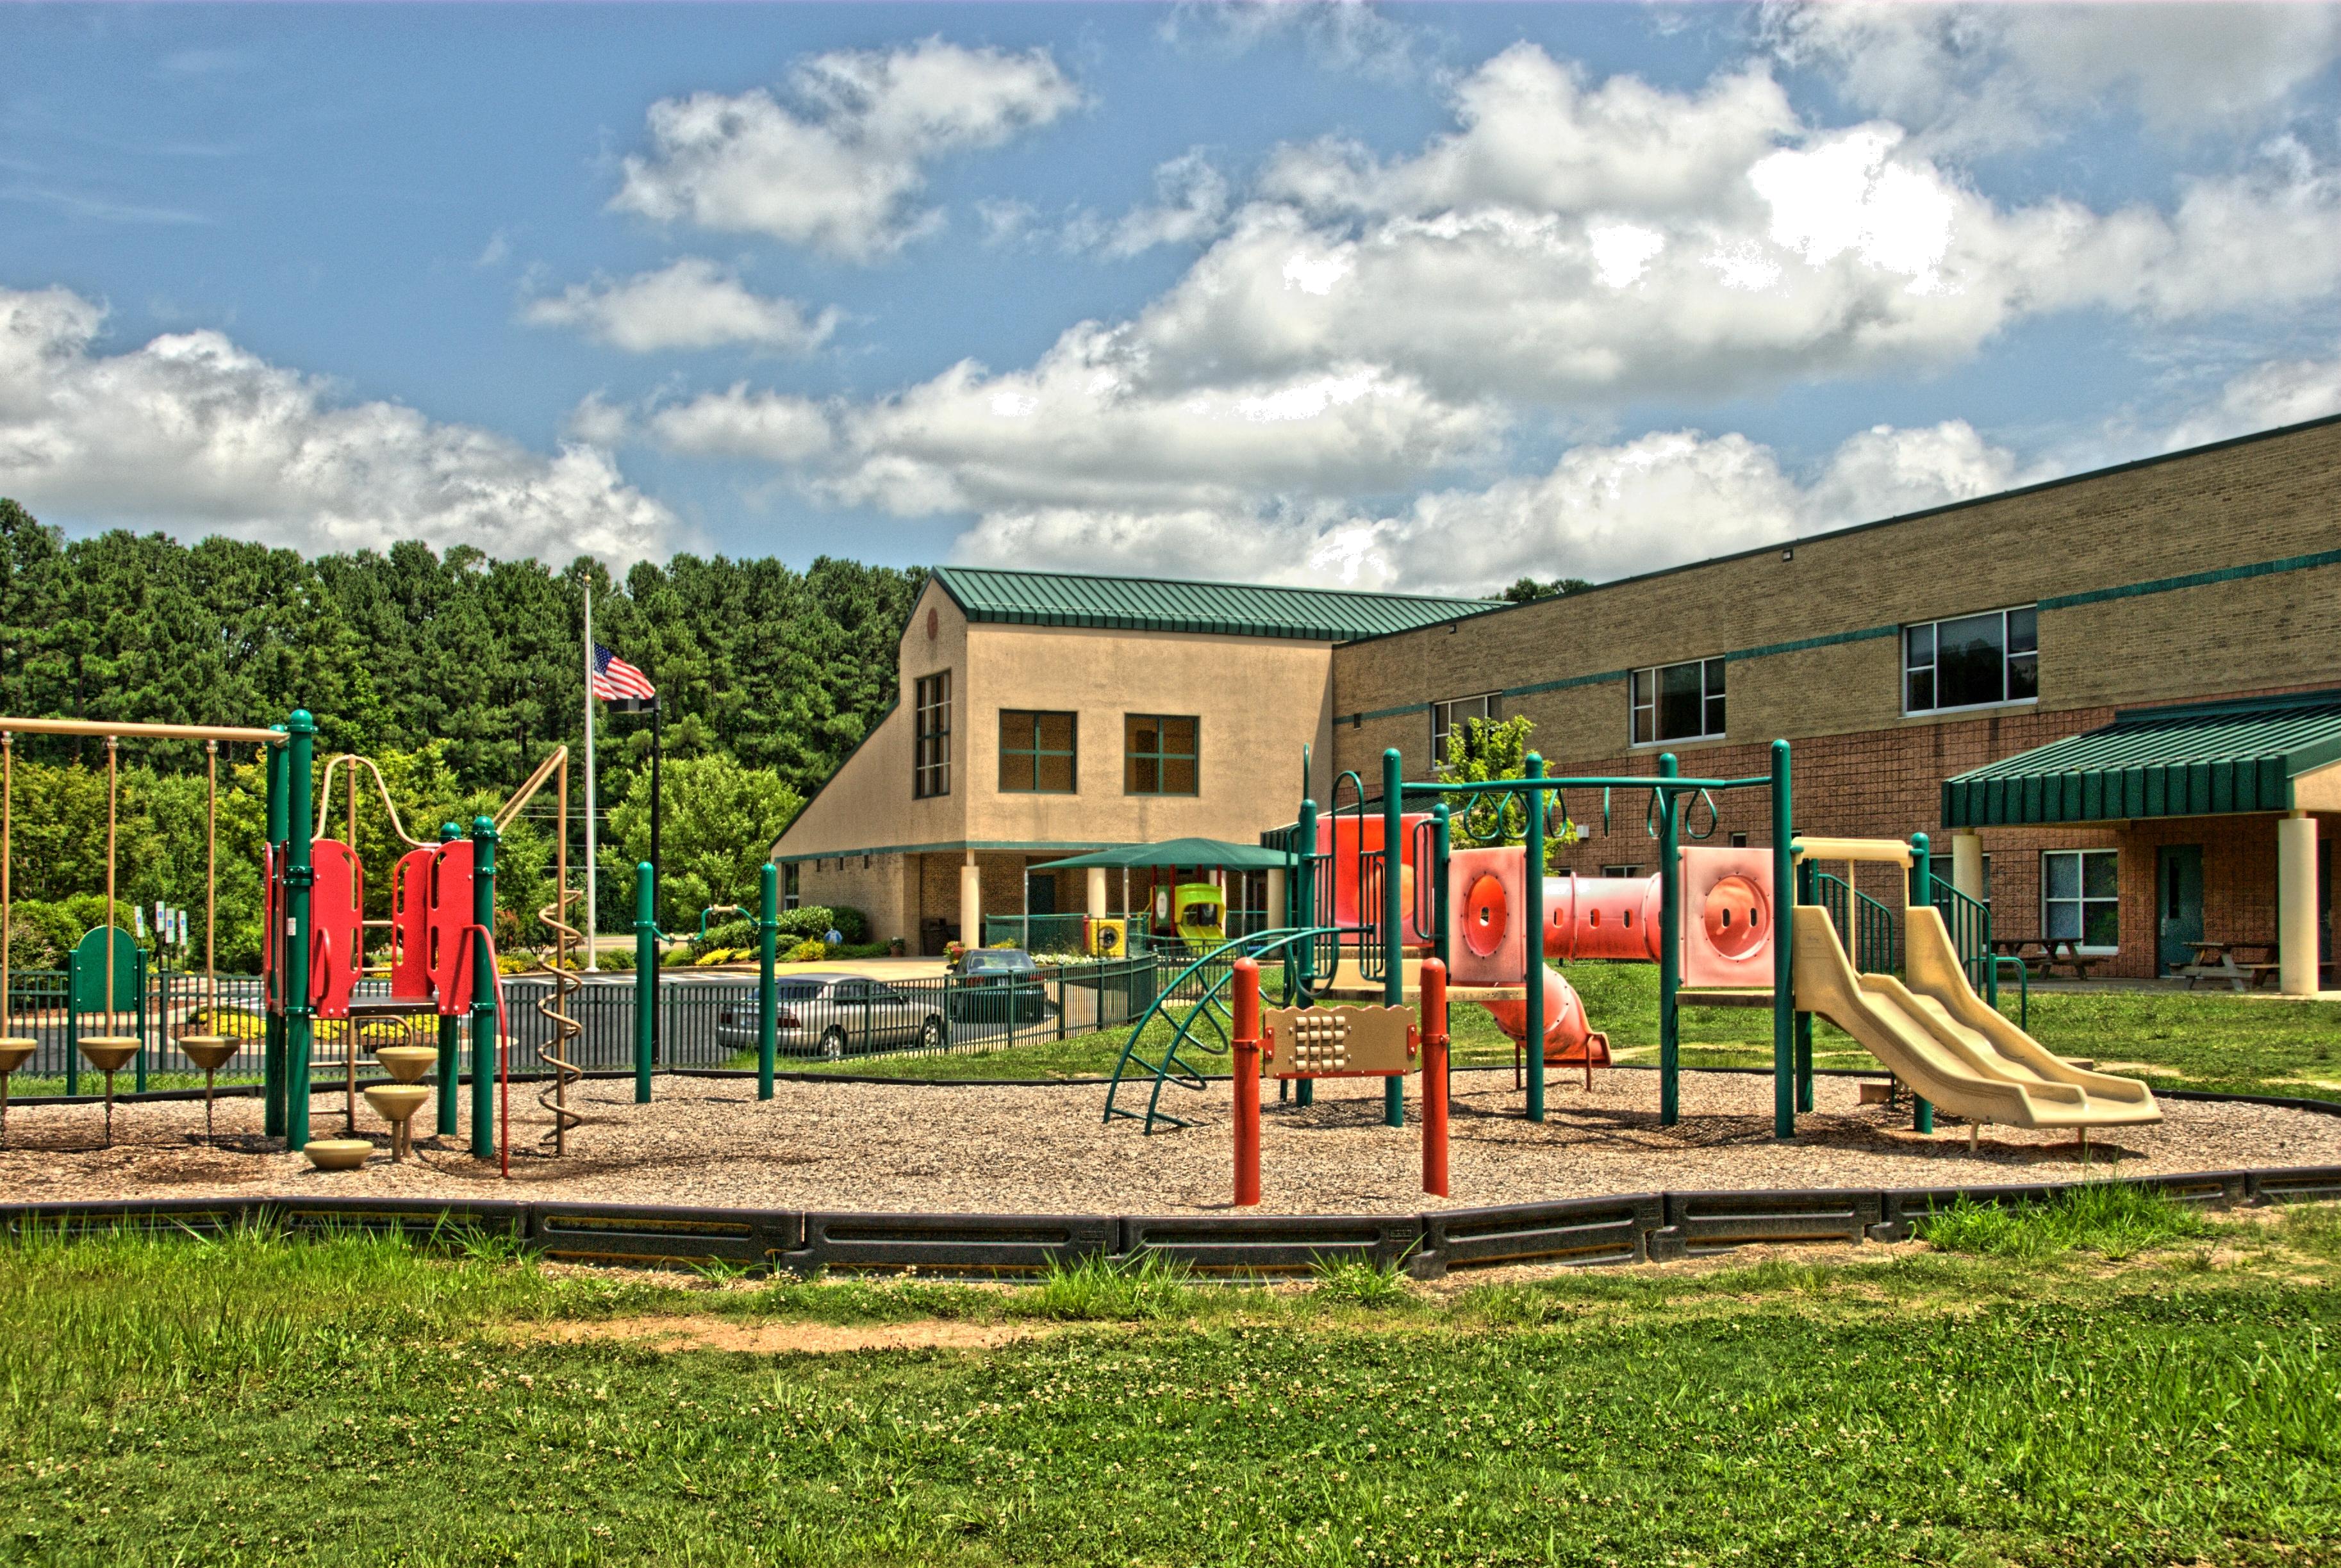 baileywick road elementary school homepage